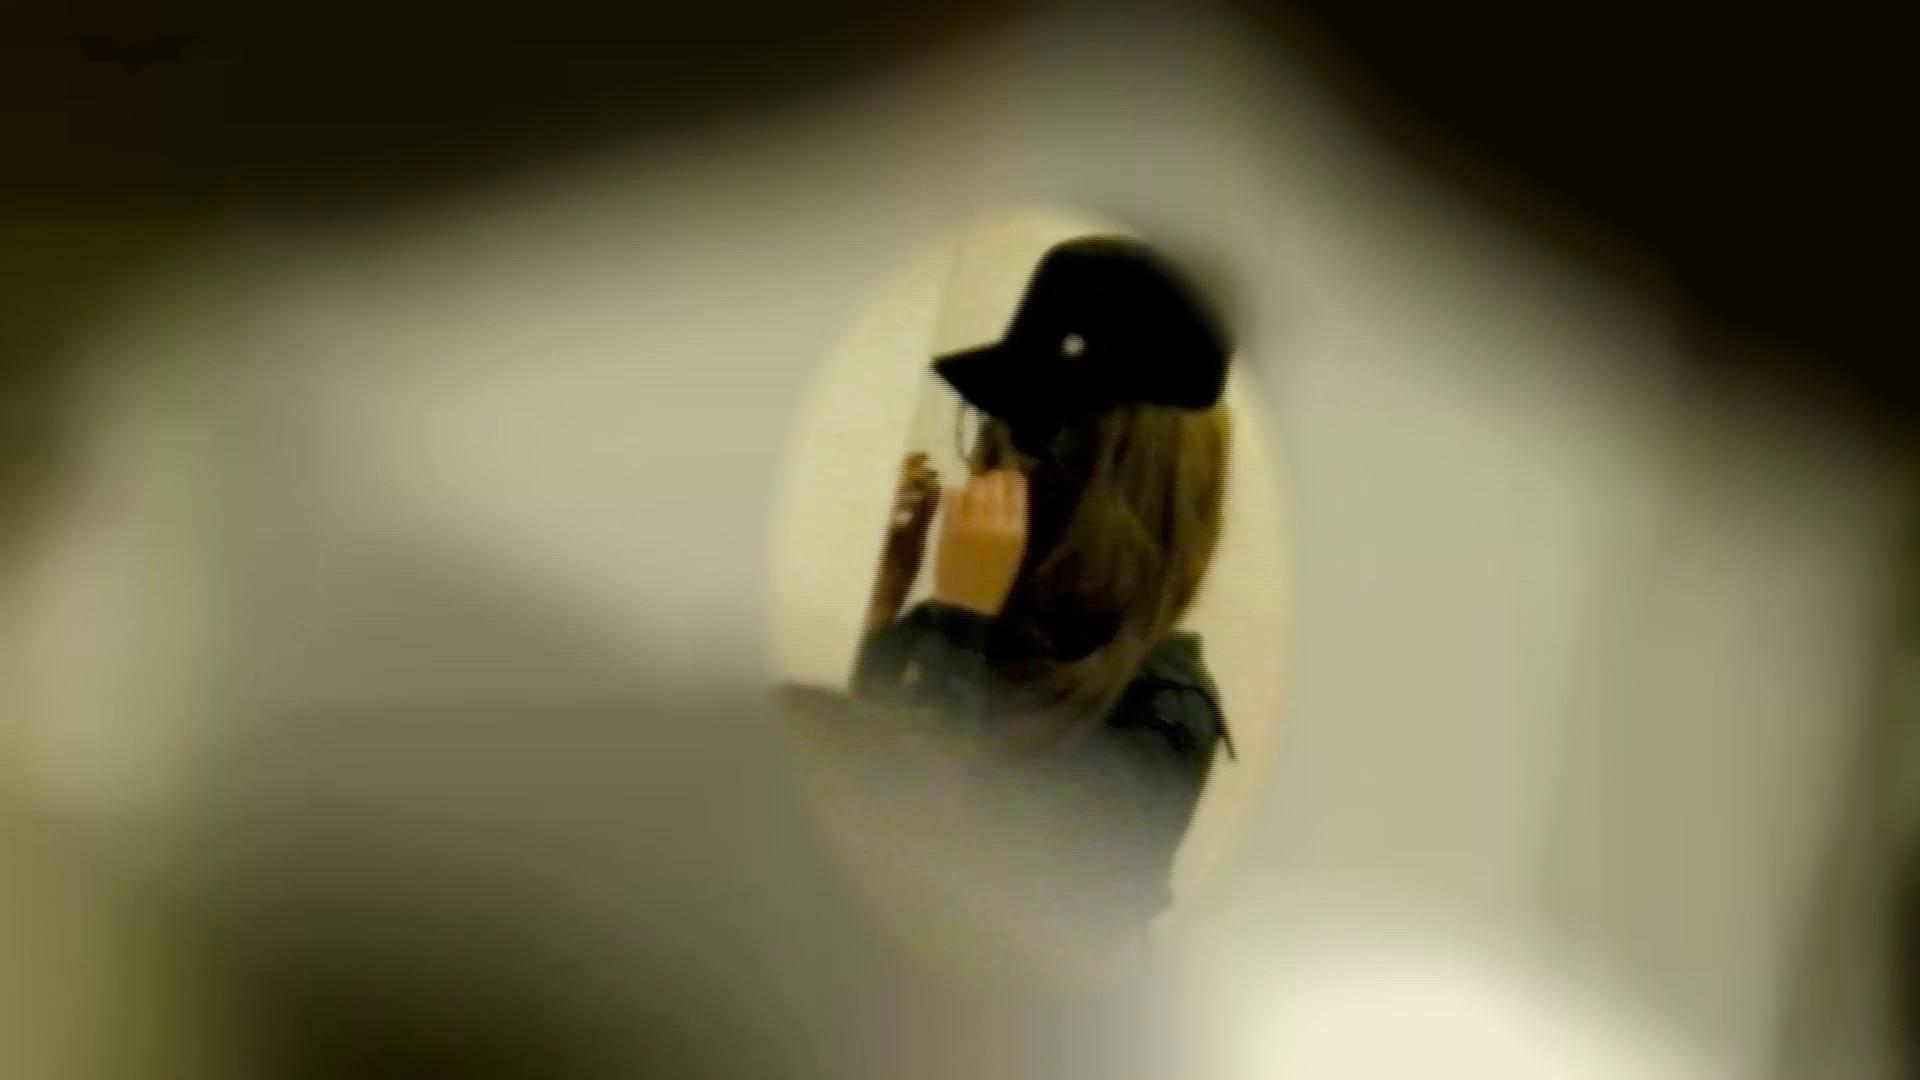 新世界の射窓 No78 トリンドル 玲奈似登場シリーズ美女率最高作! エッチなお姉さん SEX無修正画像 19画像 3